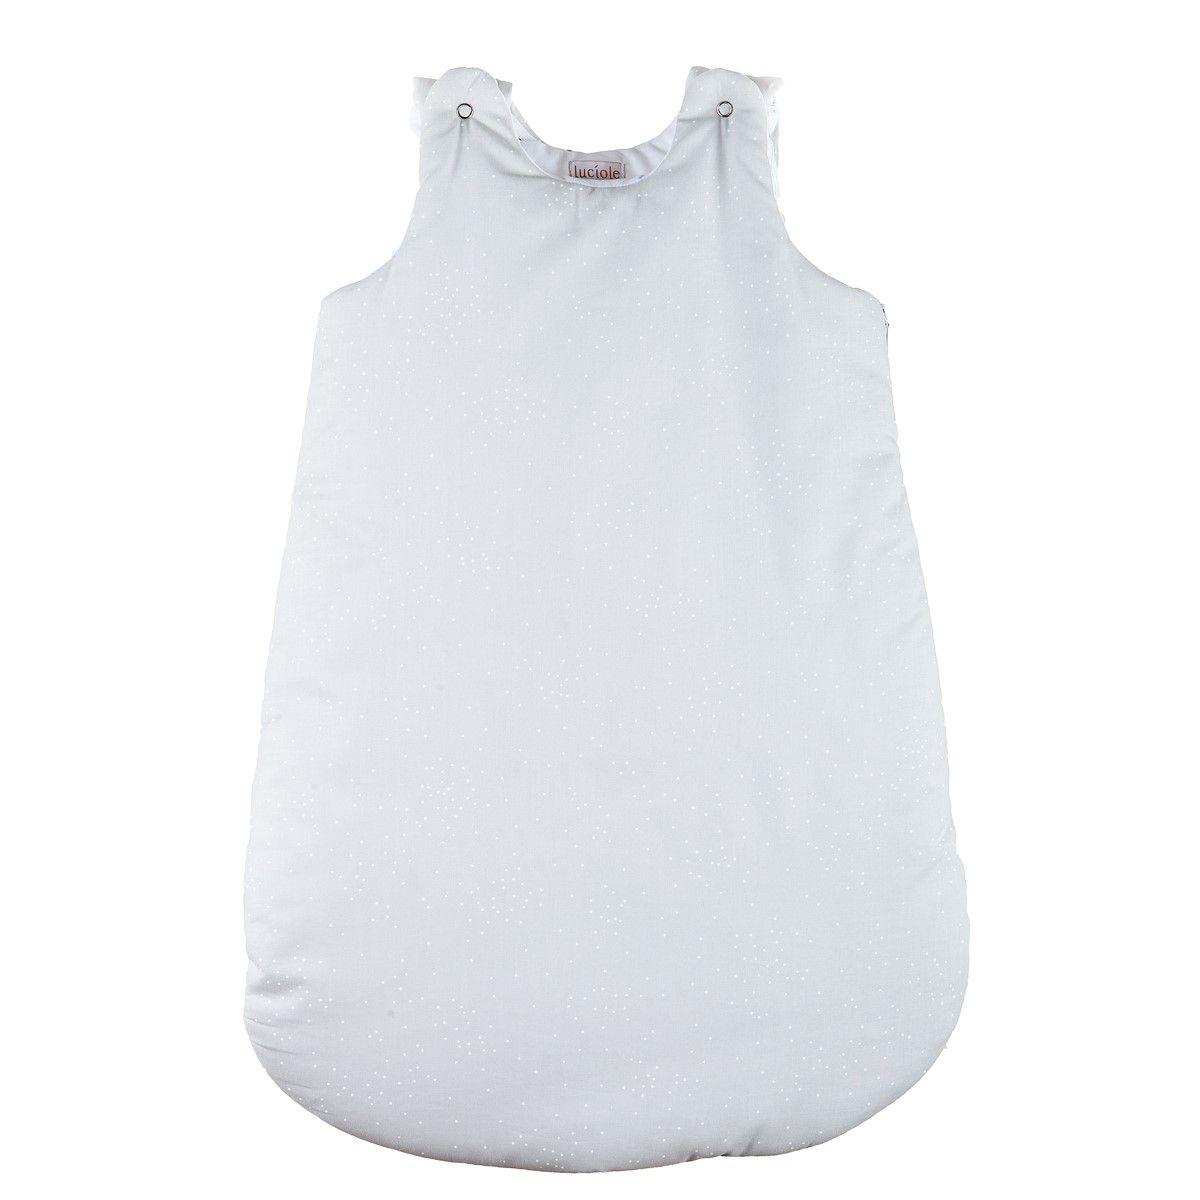 Gigoteuse bébé chaude mixte grise à pois blancs